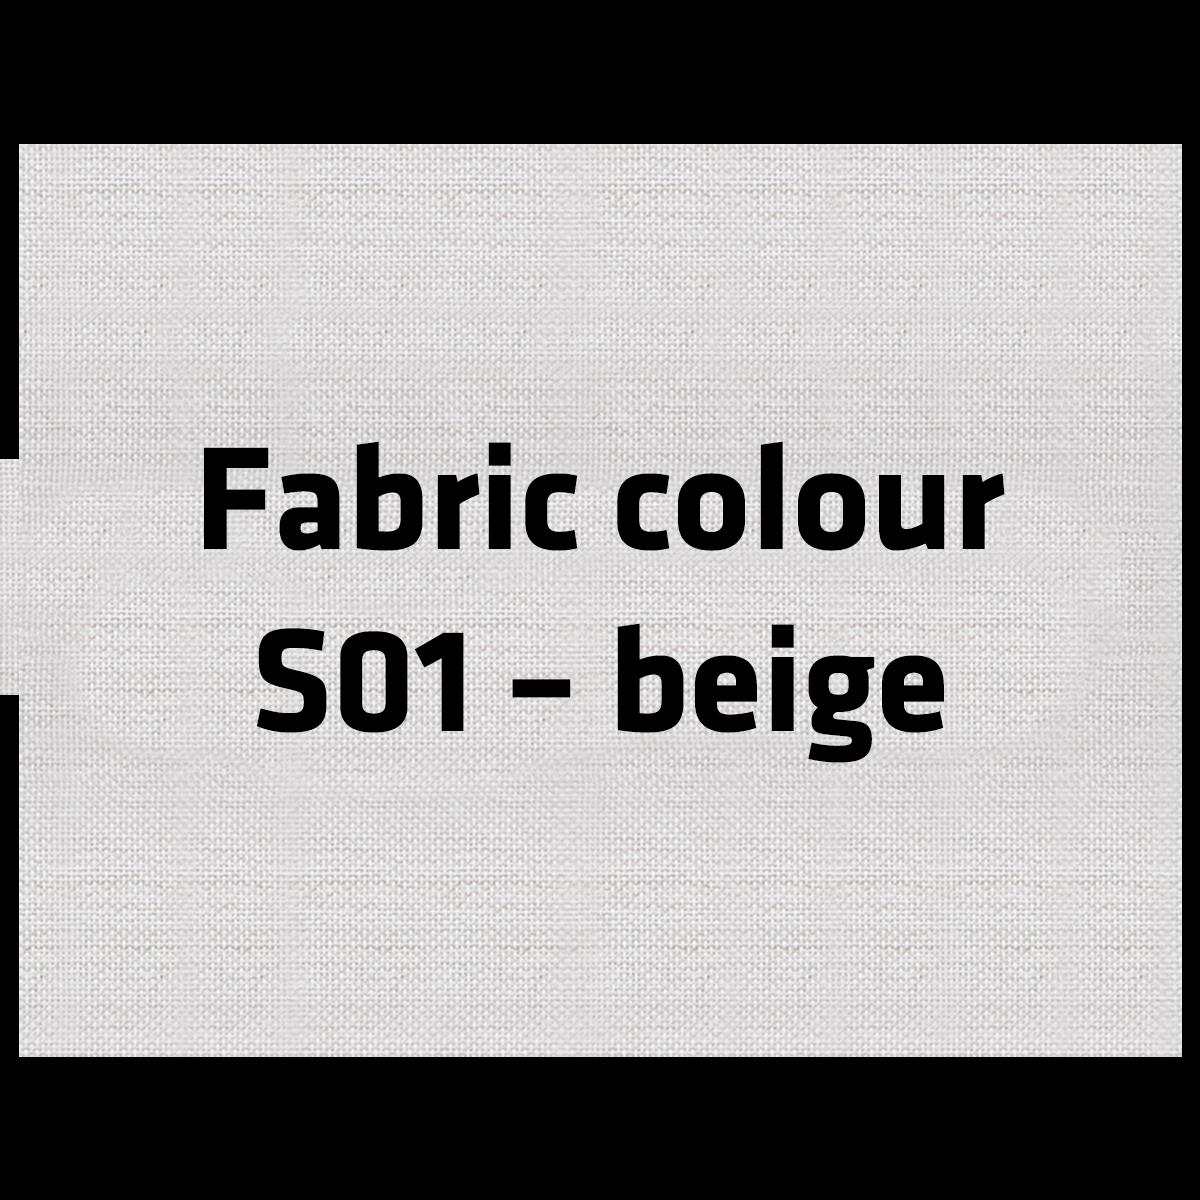 Stoff_S01_beige_Text_en_1200x1200px-1